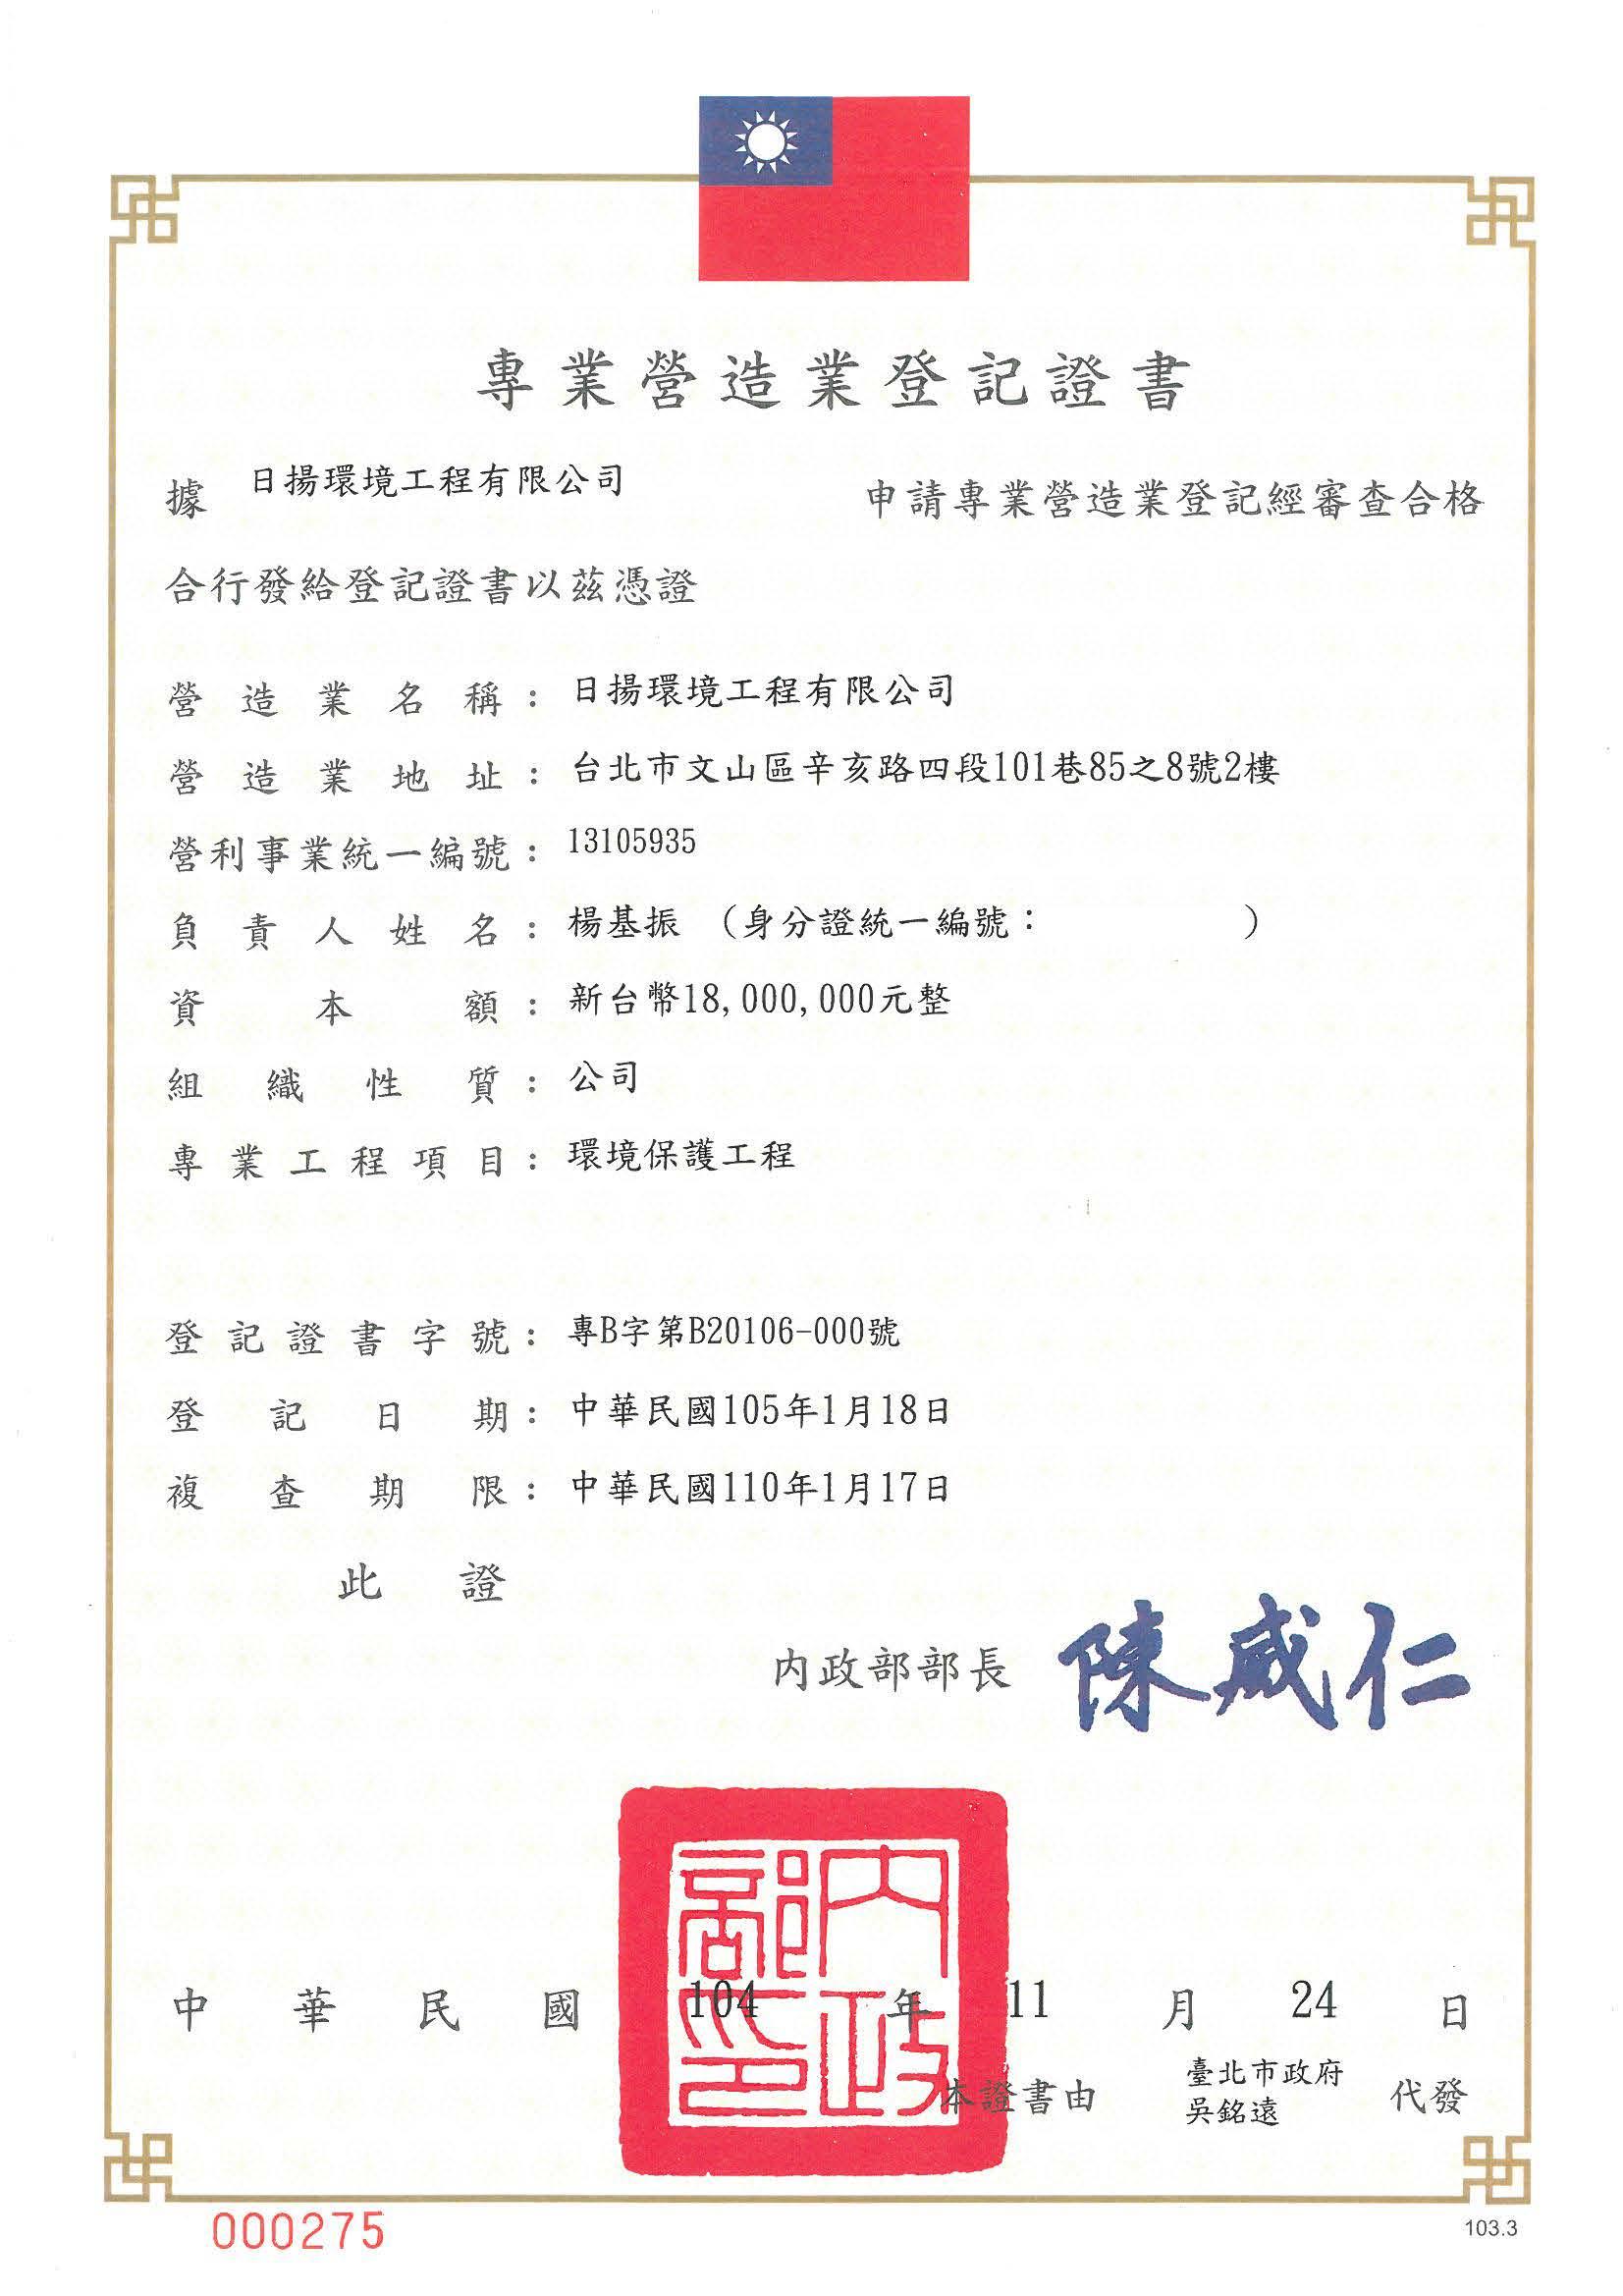 專業營造業登記證書1050118